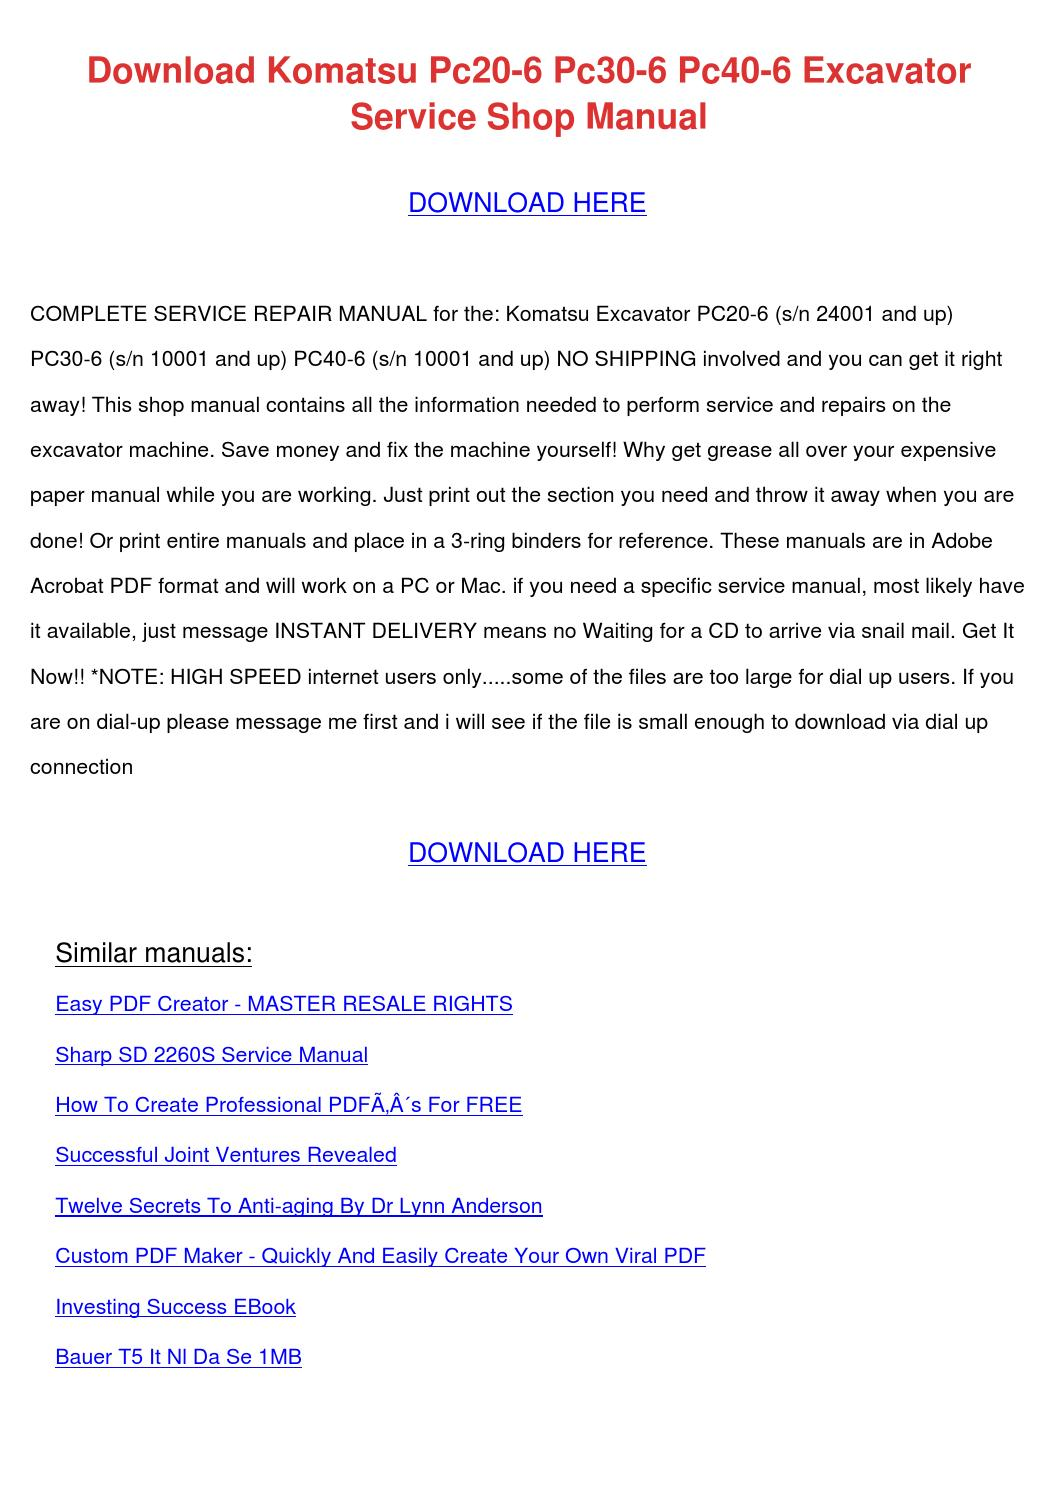 Download Komatsu Pc20 6 Pc30 6 Pc40 6 Excavat by MelindaMitchell ...